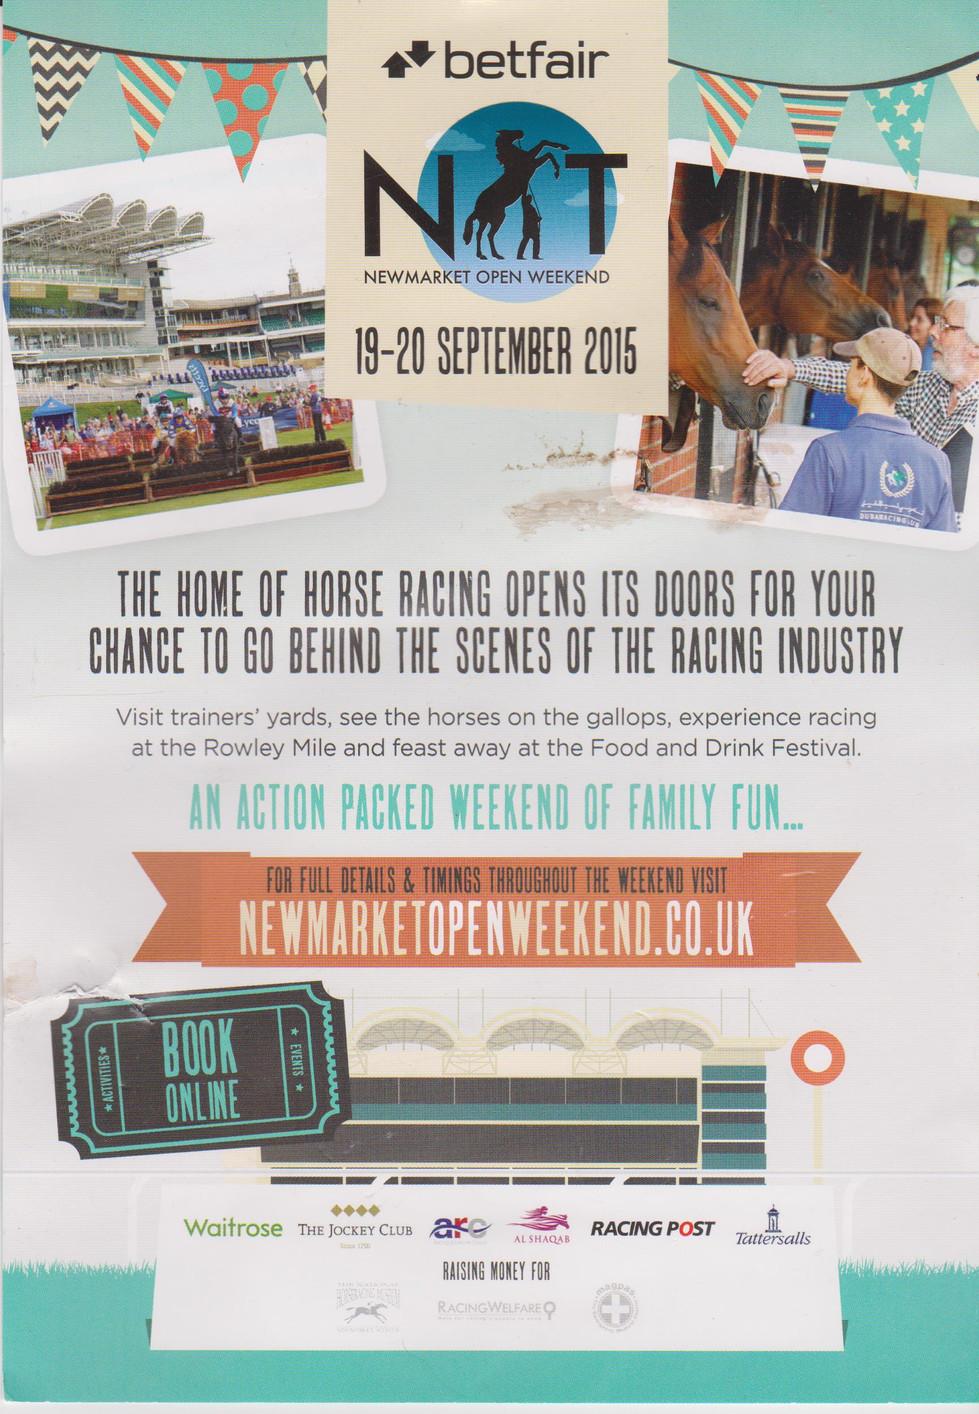 Newmarket Open Weekend - a resounding success